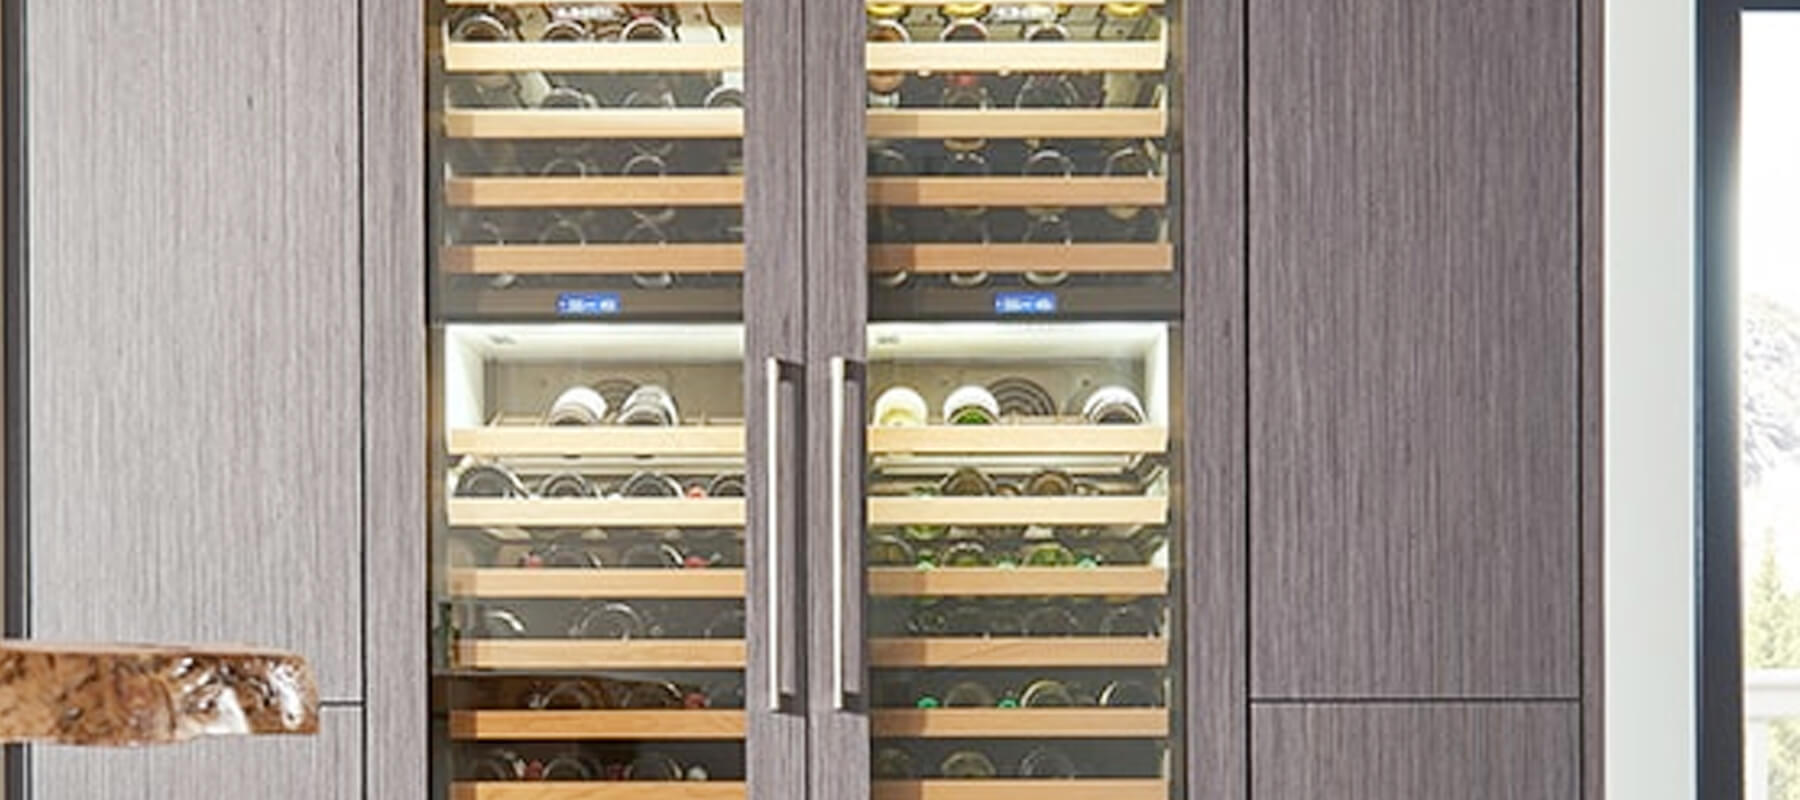 Built in Counter Depth Refrigerator Lemon Grove | Built-in Refrigerator Repair